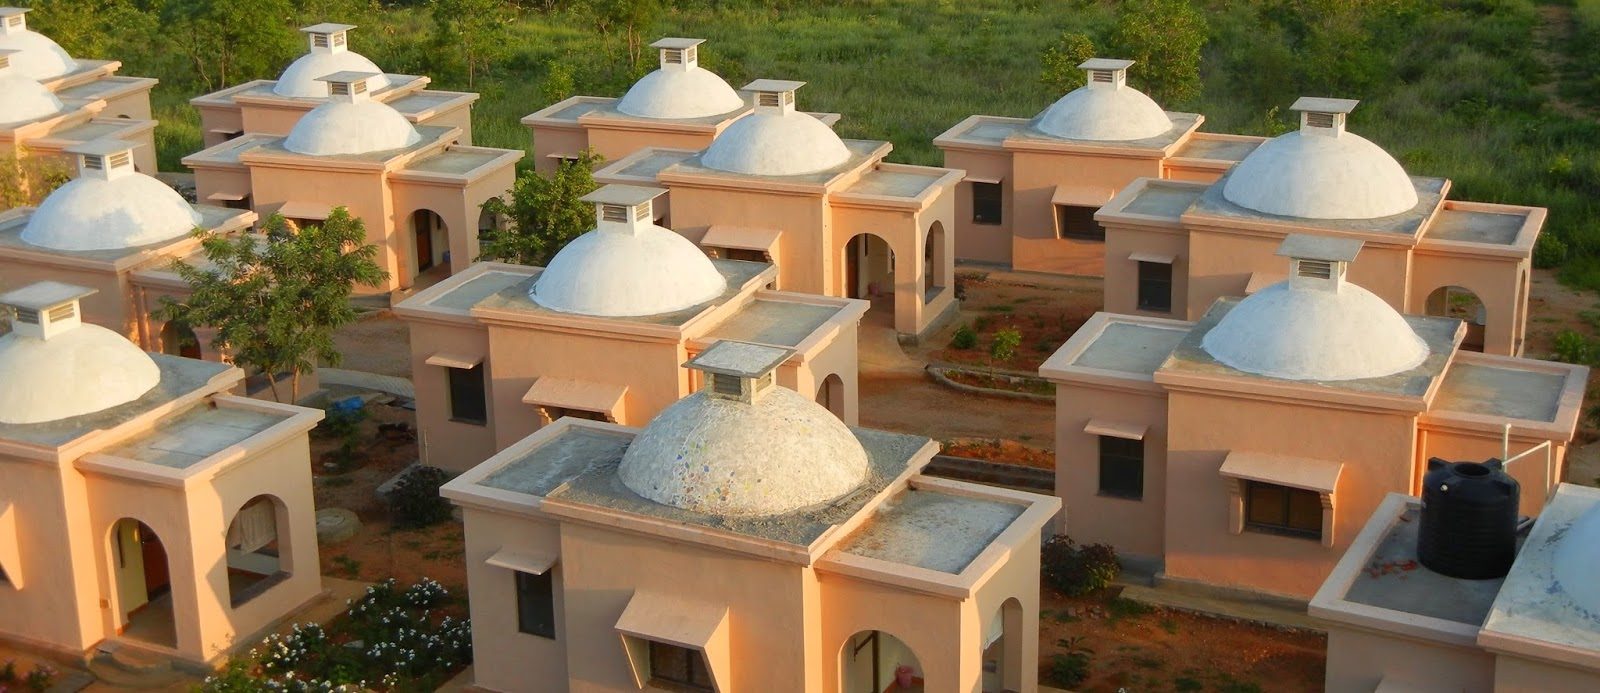 vipassana-meditation-center-dhamma-nagamaharashtra-9